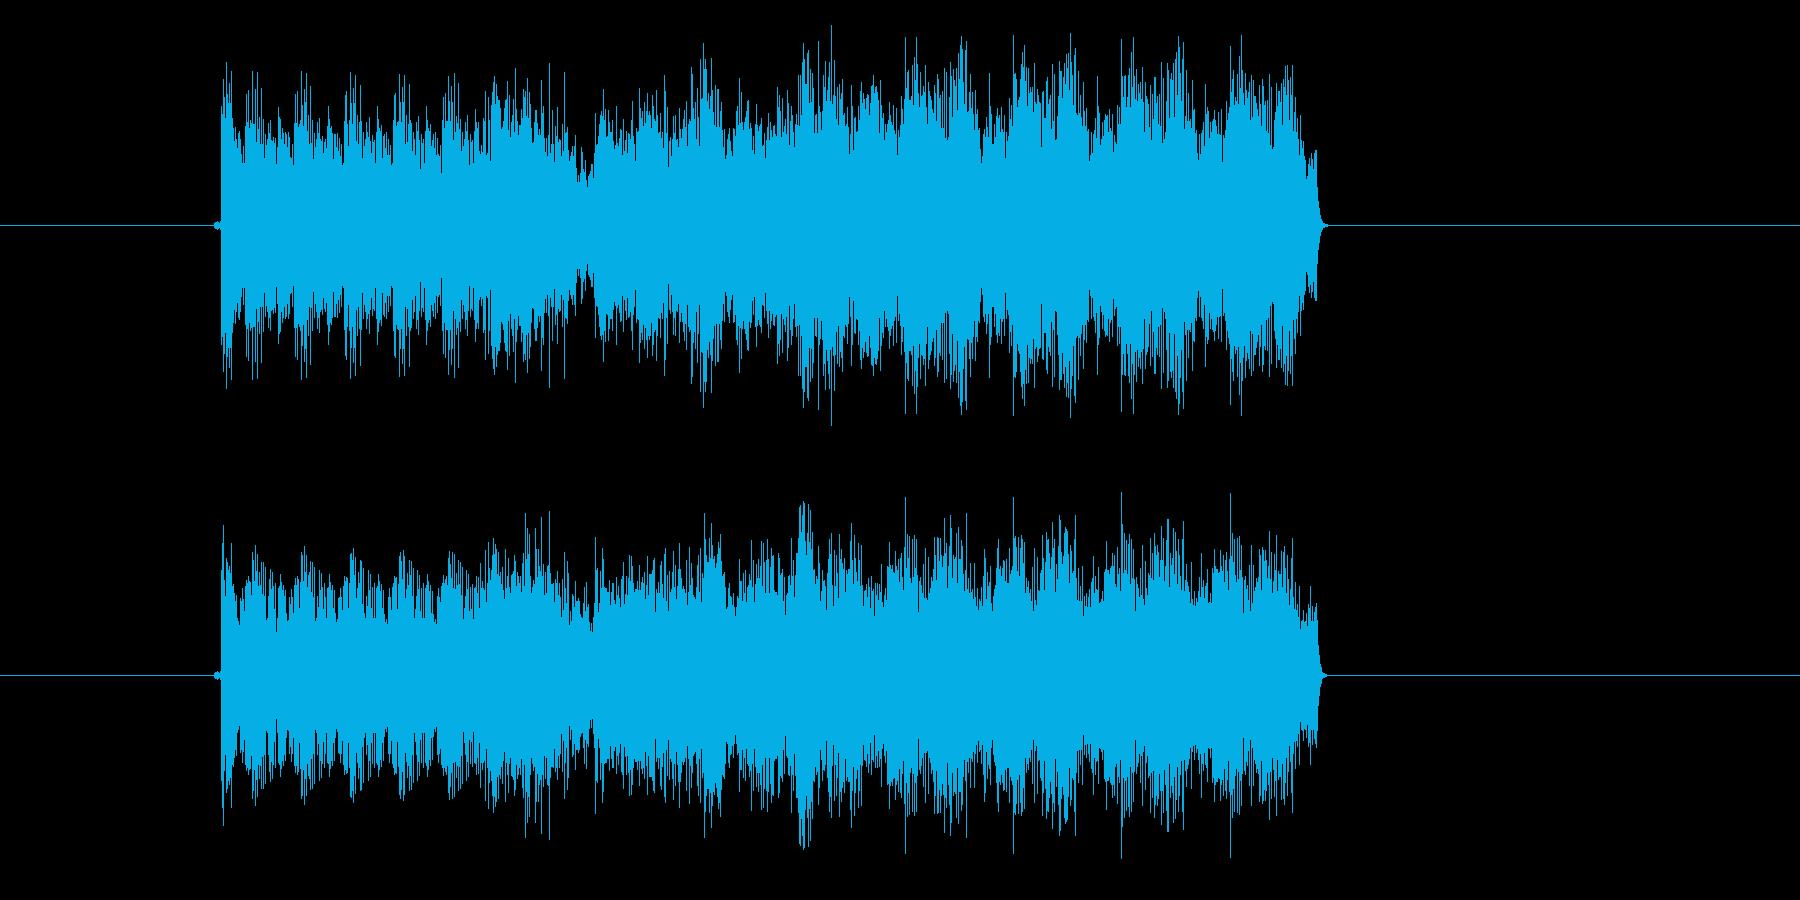 激しいポップスサウンド(番組、ジングル)の再生済みの波形